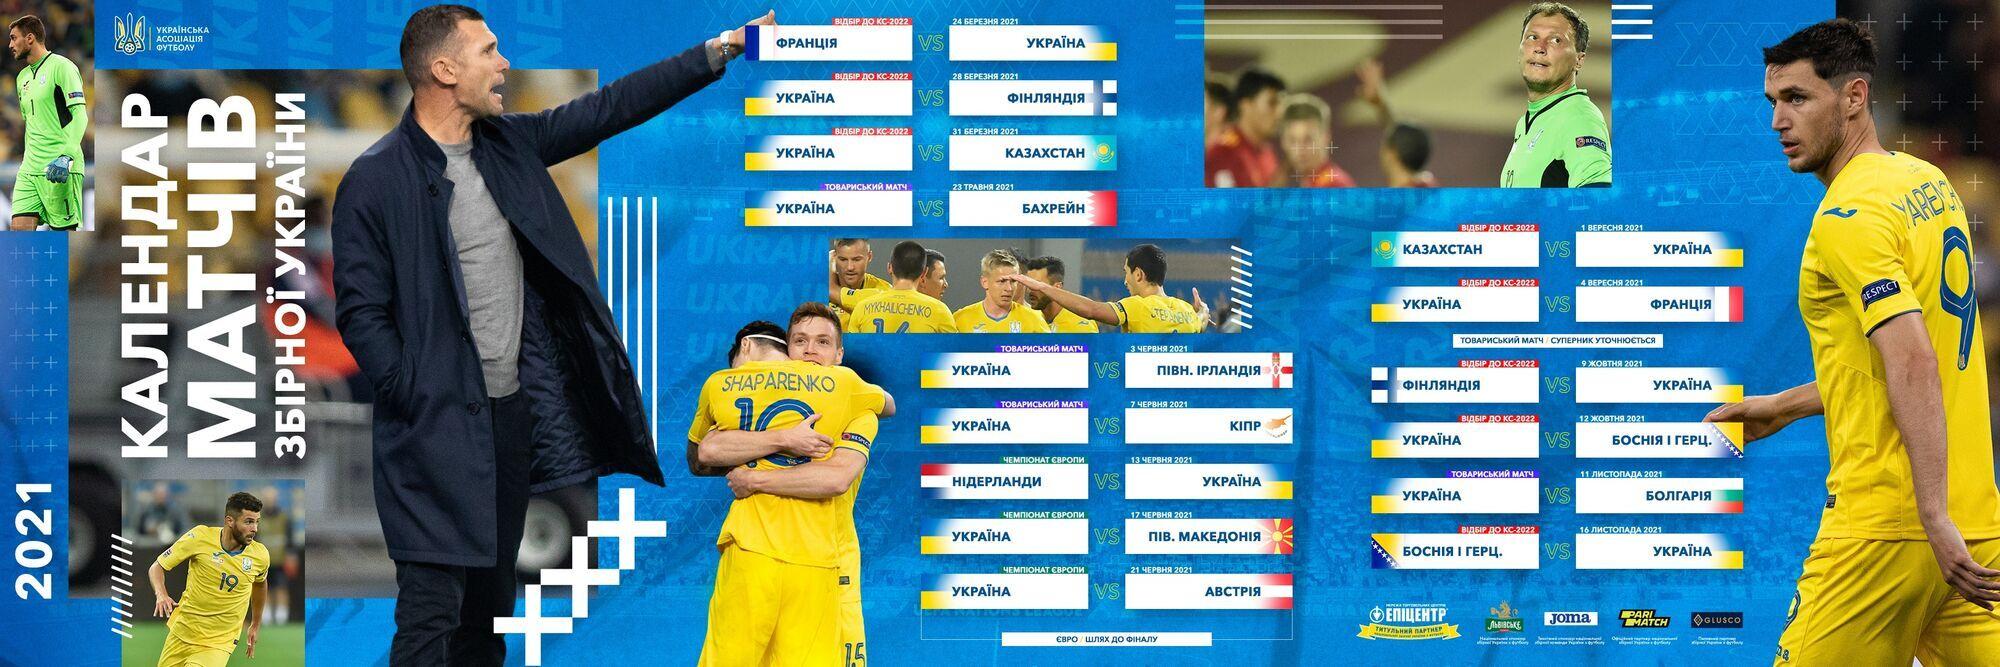 Календарь матчей сборной Украины на 2021 год